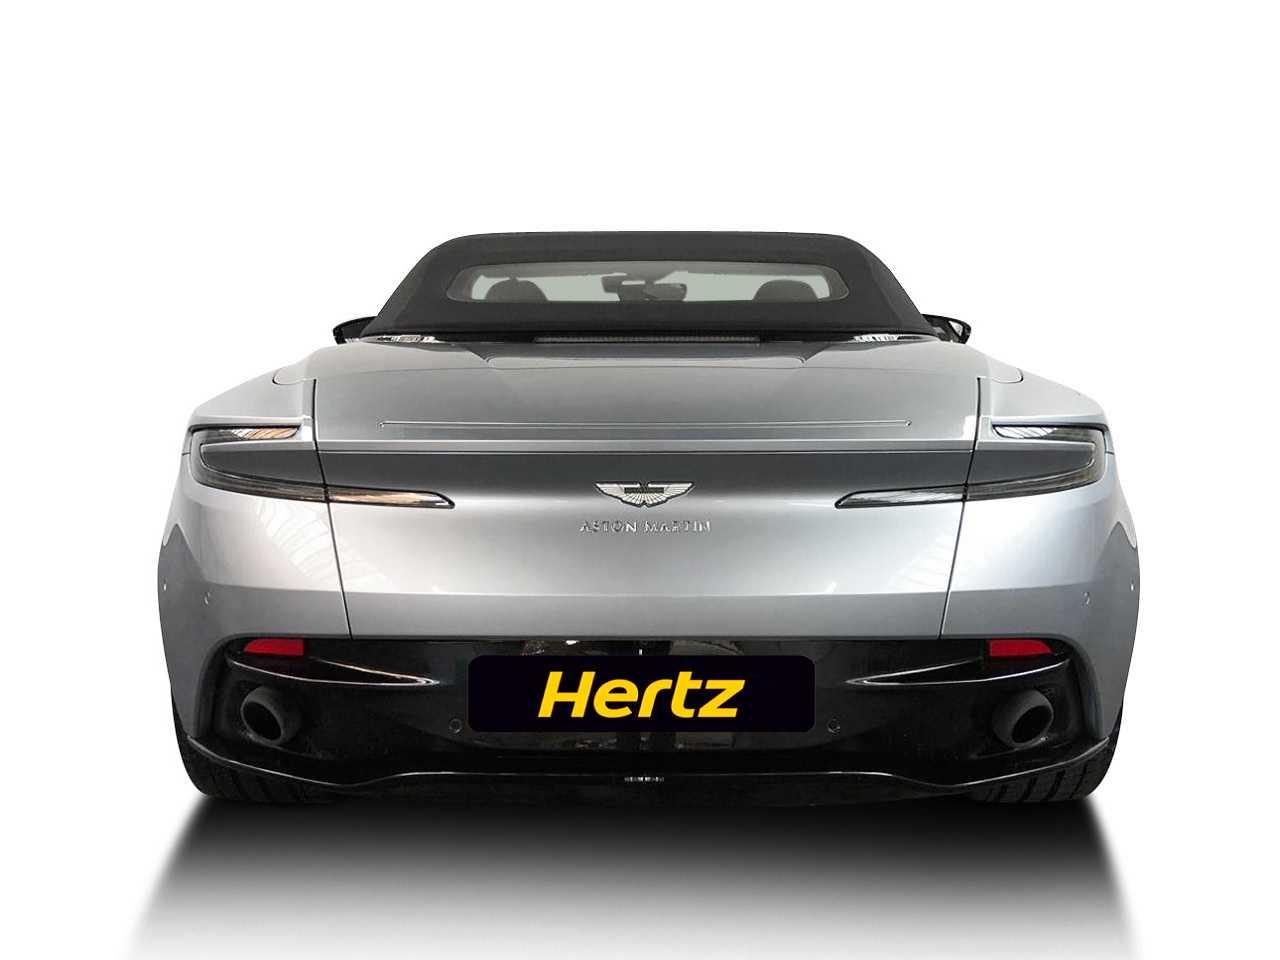 Aston Martin DB11 Volante Car for hire